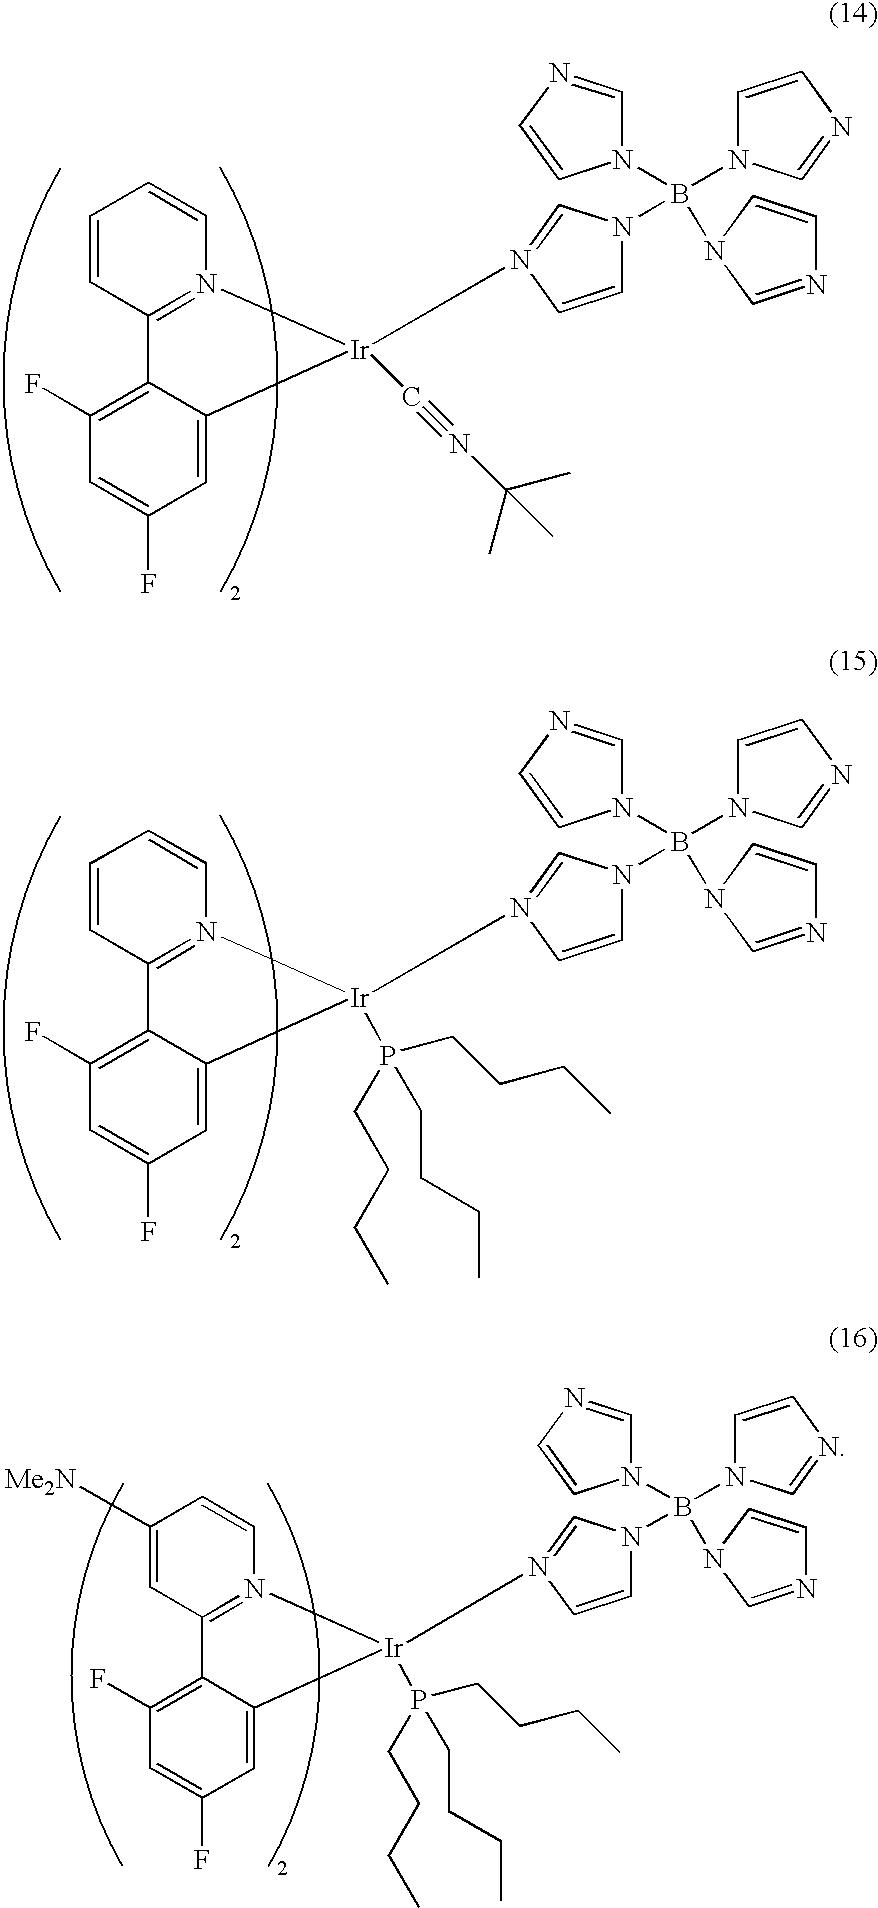 Figure US20060177695A1-20060810-C00030